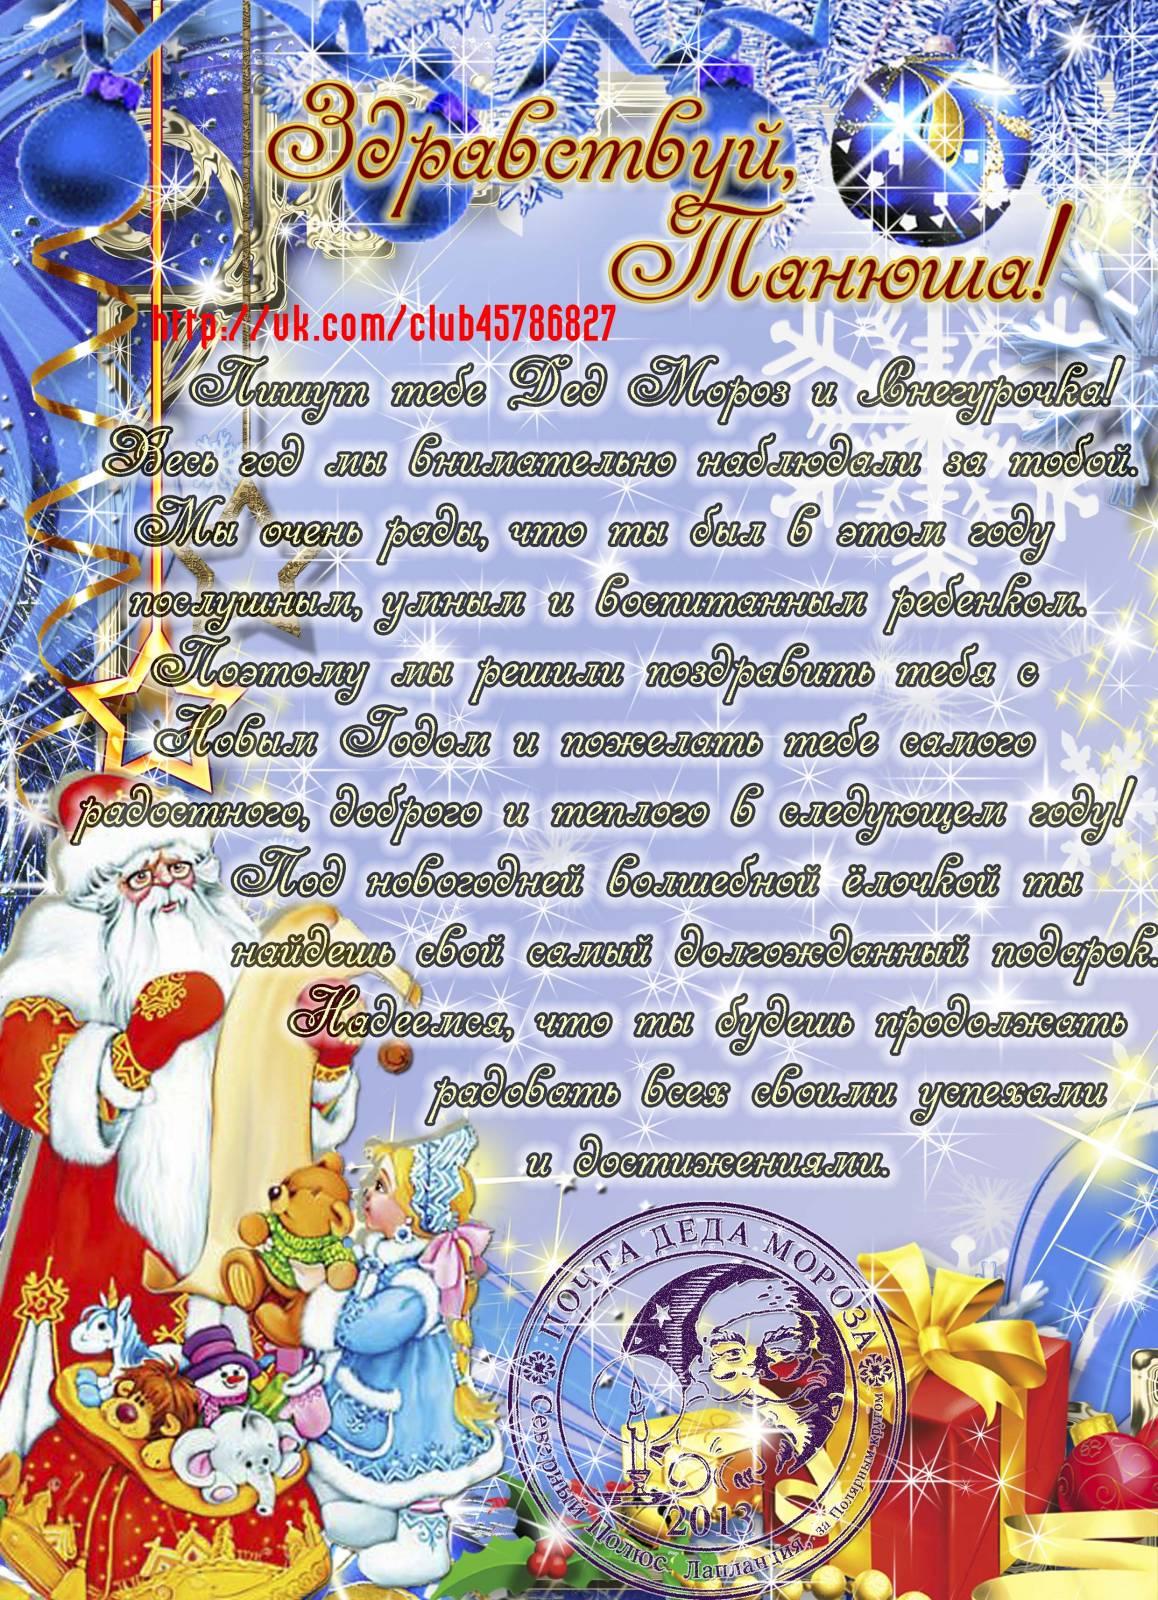 Письмо поздравление образец с новым годом